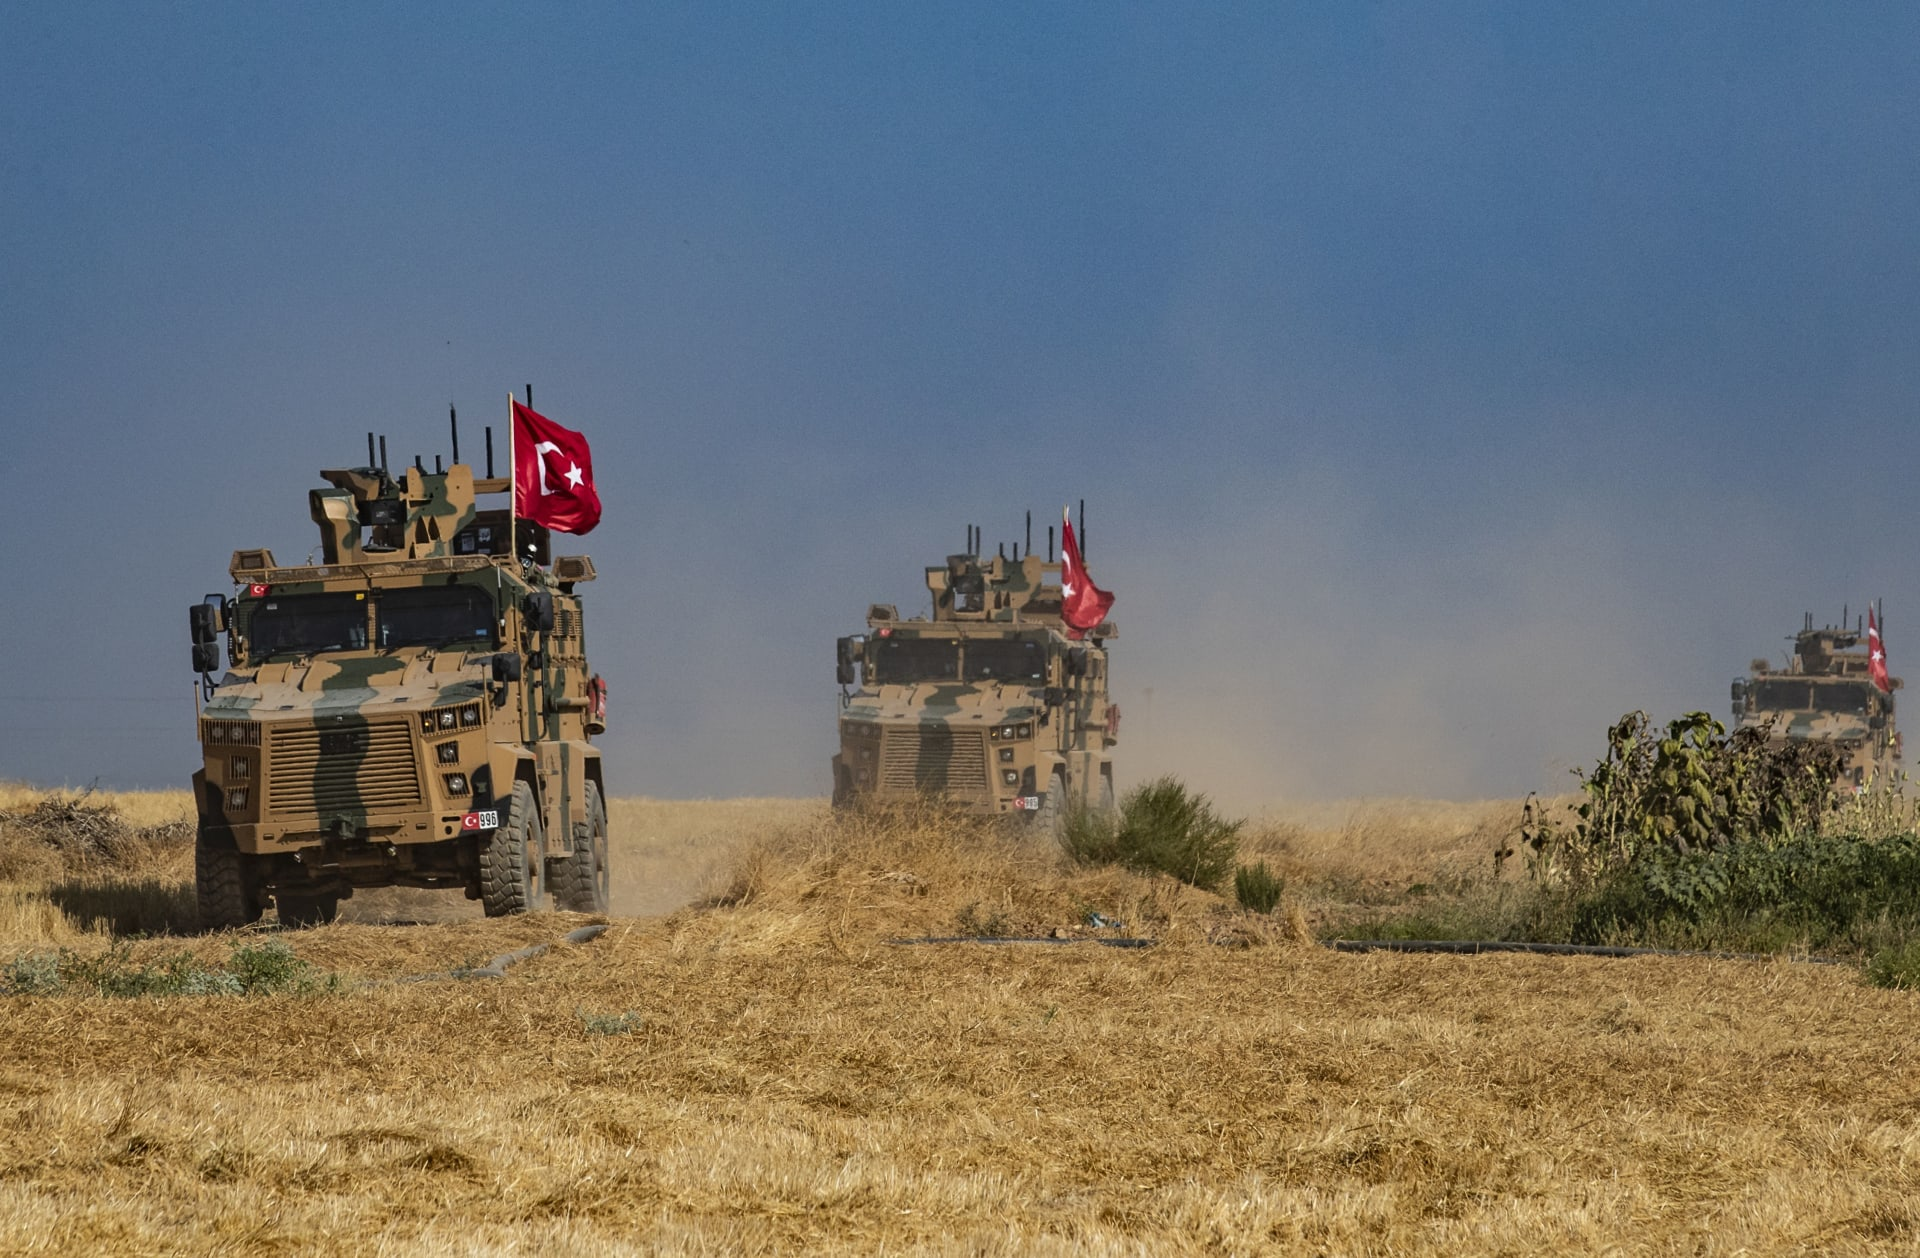 تركيا تتأهب لإطلاق عملية عسكرية شرق الفرات في سوريا.. وواشنطن تحذر